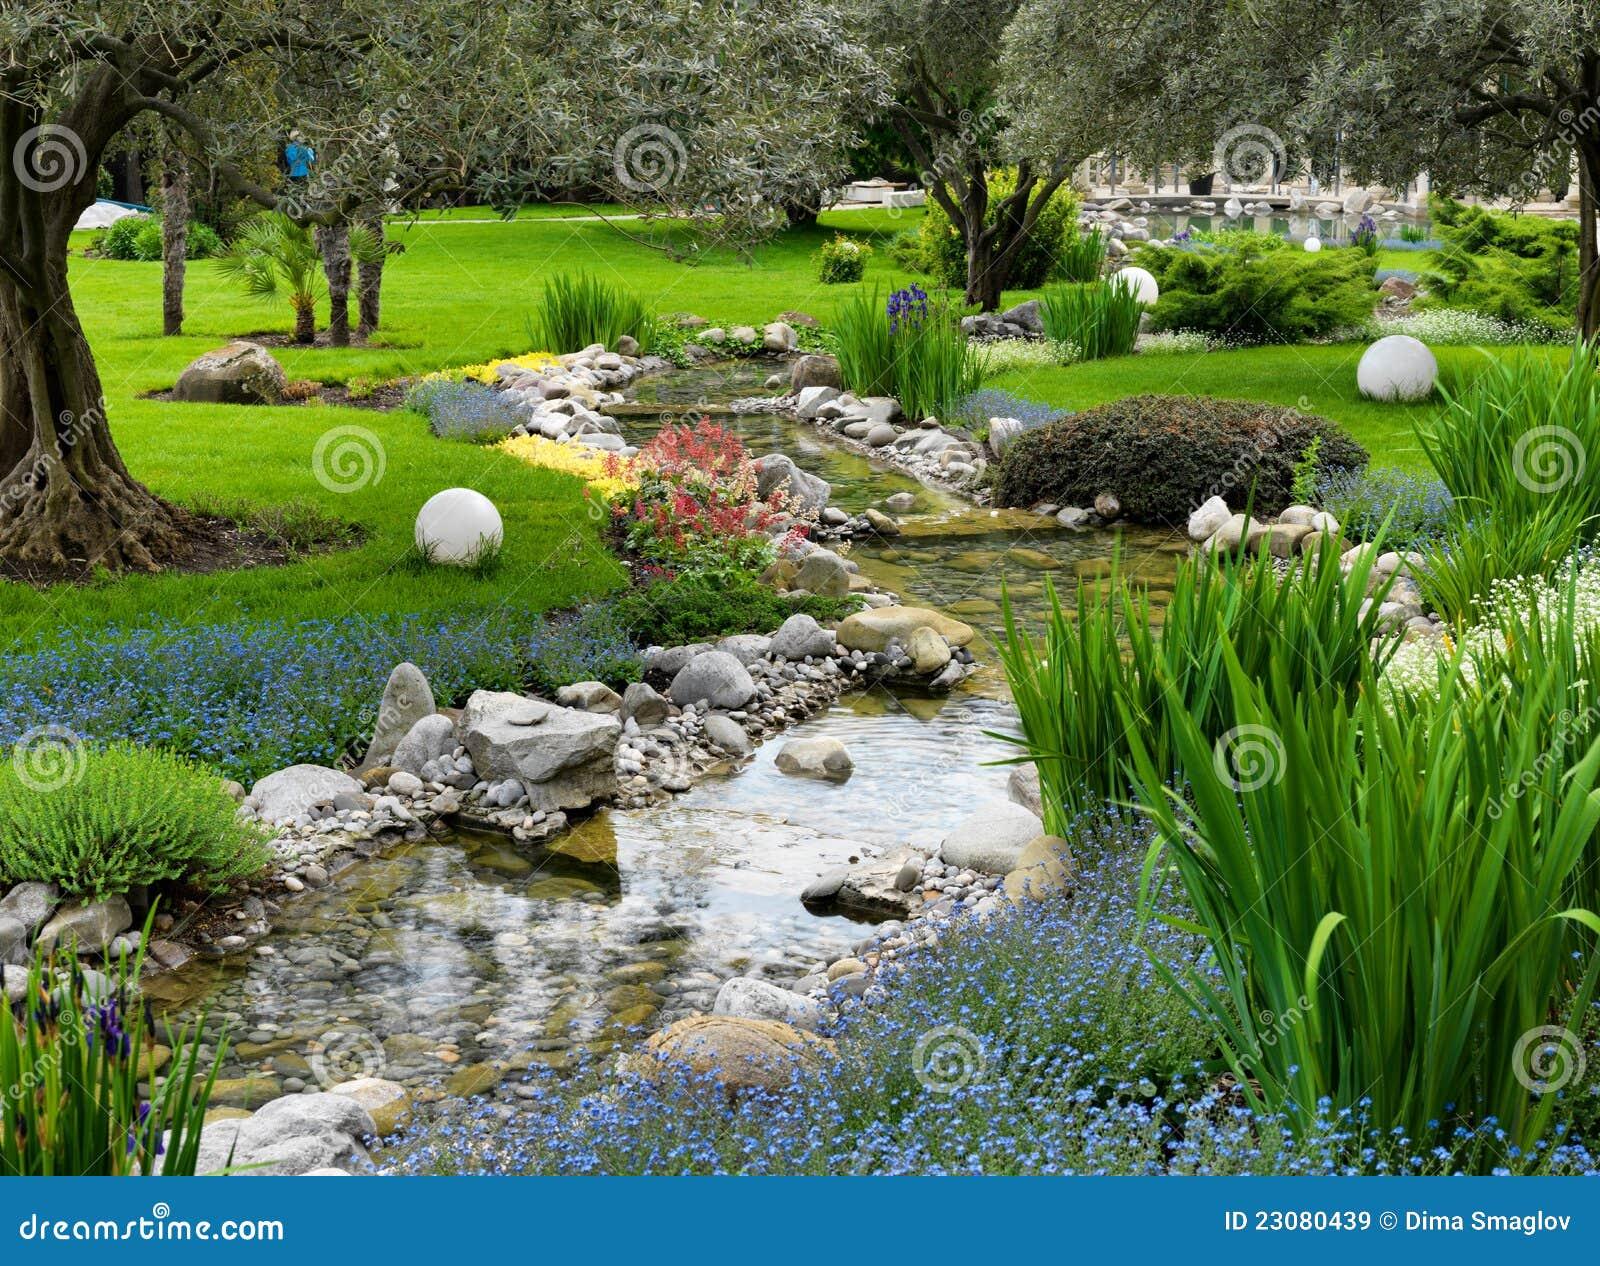 Aziatische tuin met vijver royalty vrije stock afbeeldingen afbeelding 23080439 - Foto van tuin vijver ...